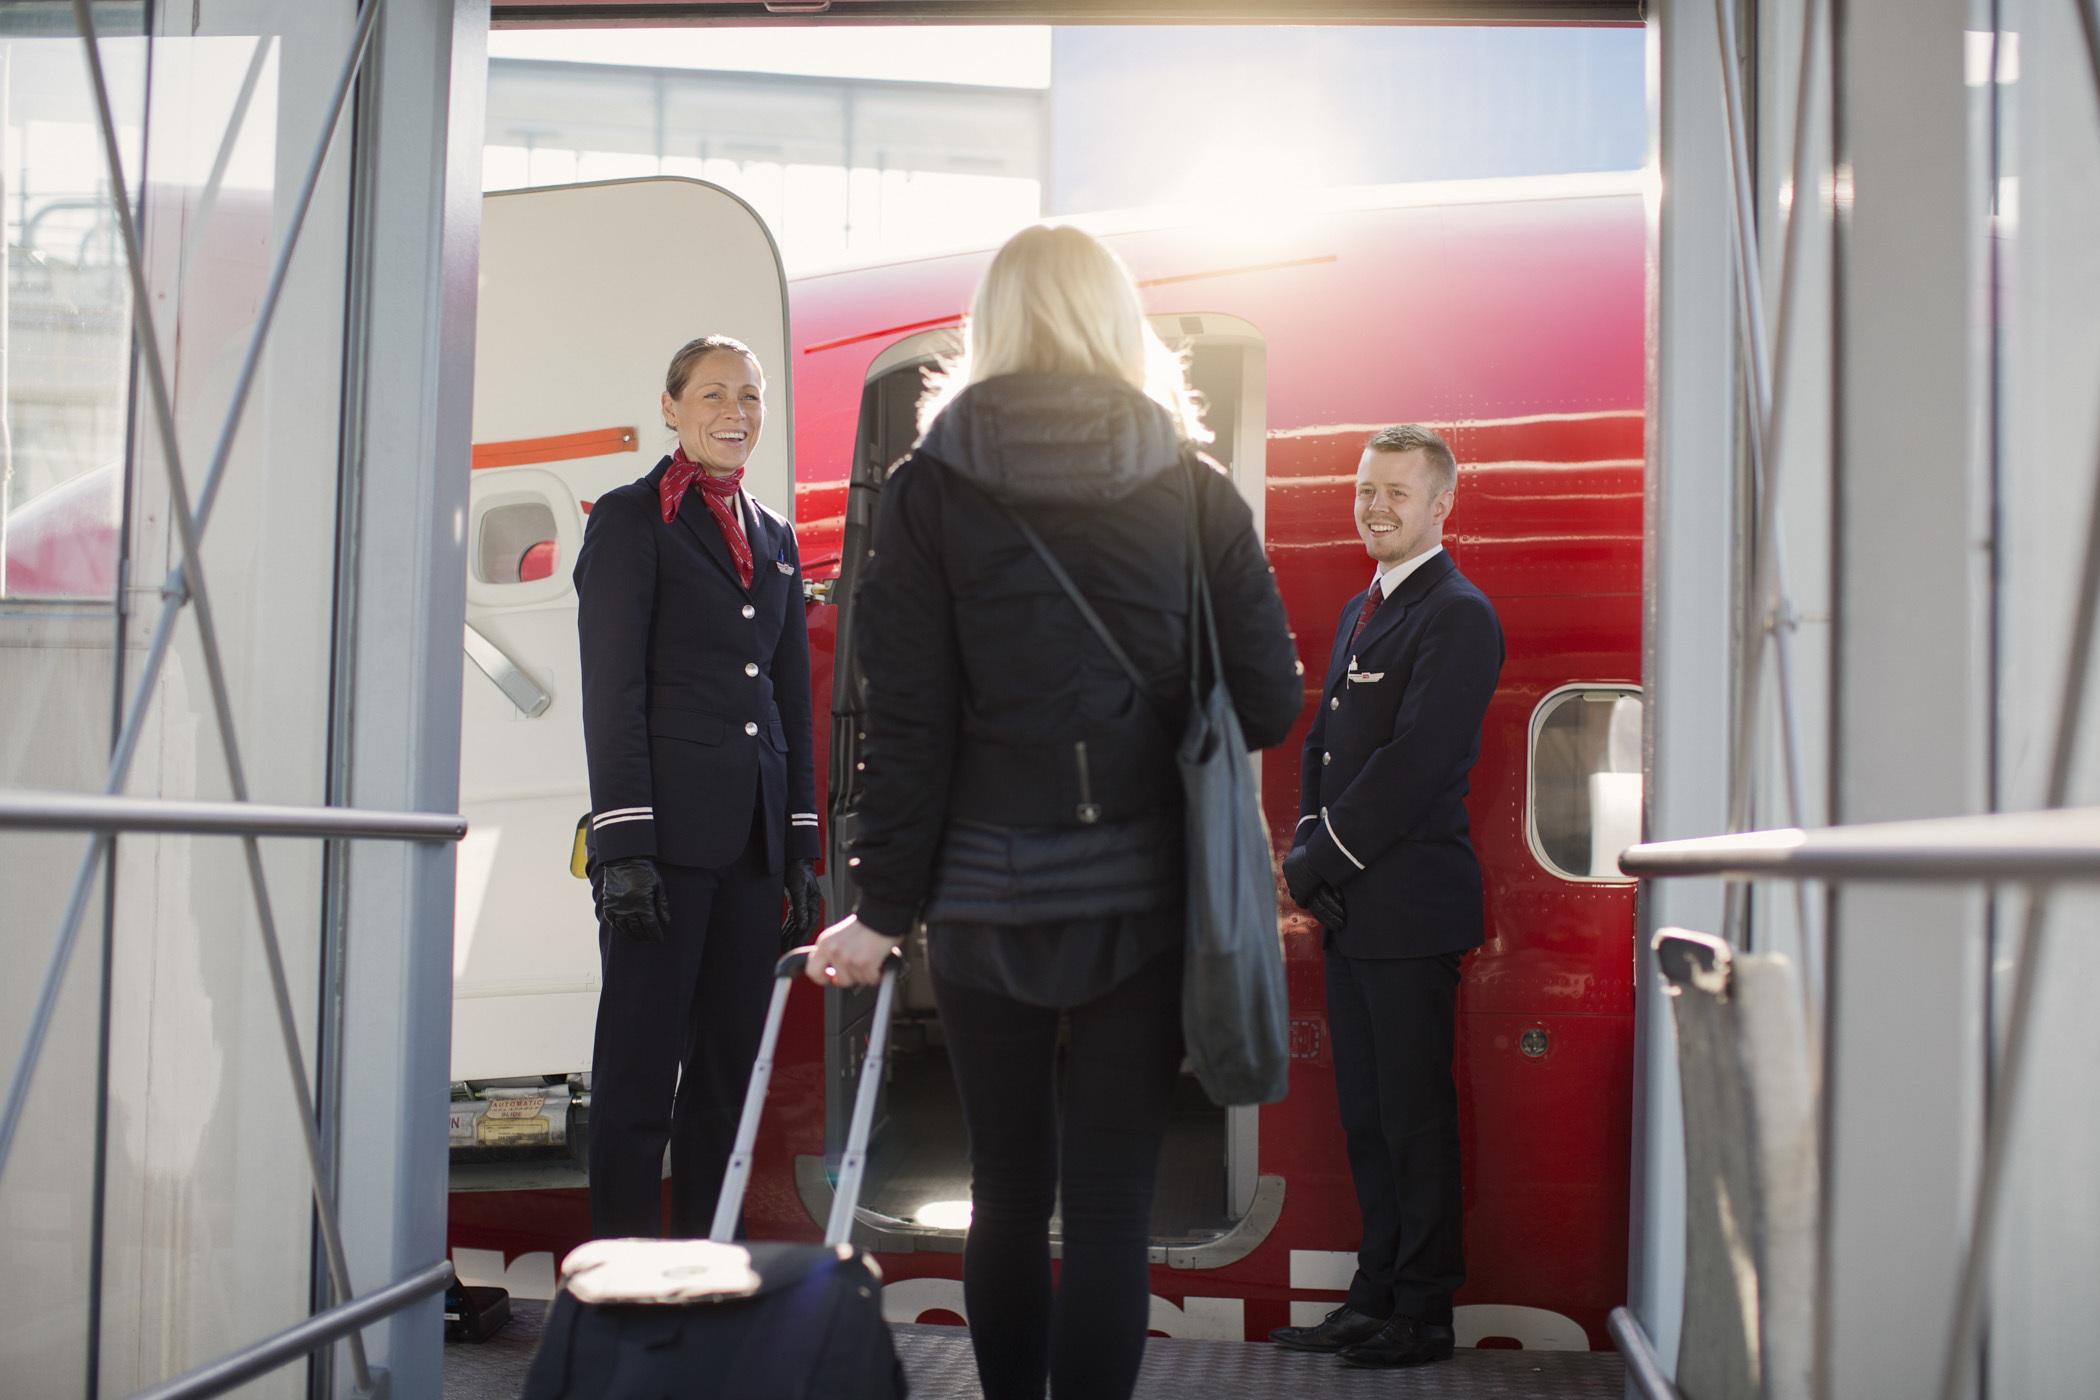 Europæiske ERV (Rejseforsikring) dækker efter 14. januar rejsebureauernes udvidede ansvarsforsikring, hvis Norwegian går konkurs – det gør konkurrenten til gengæld fortsat. Pressefoto: Norwegian.